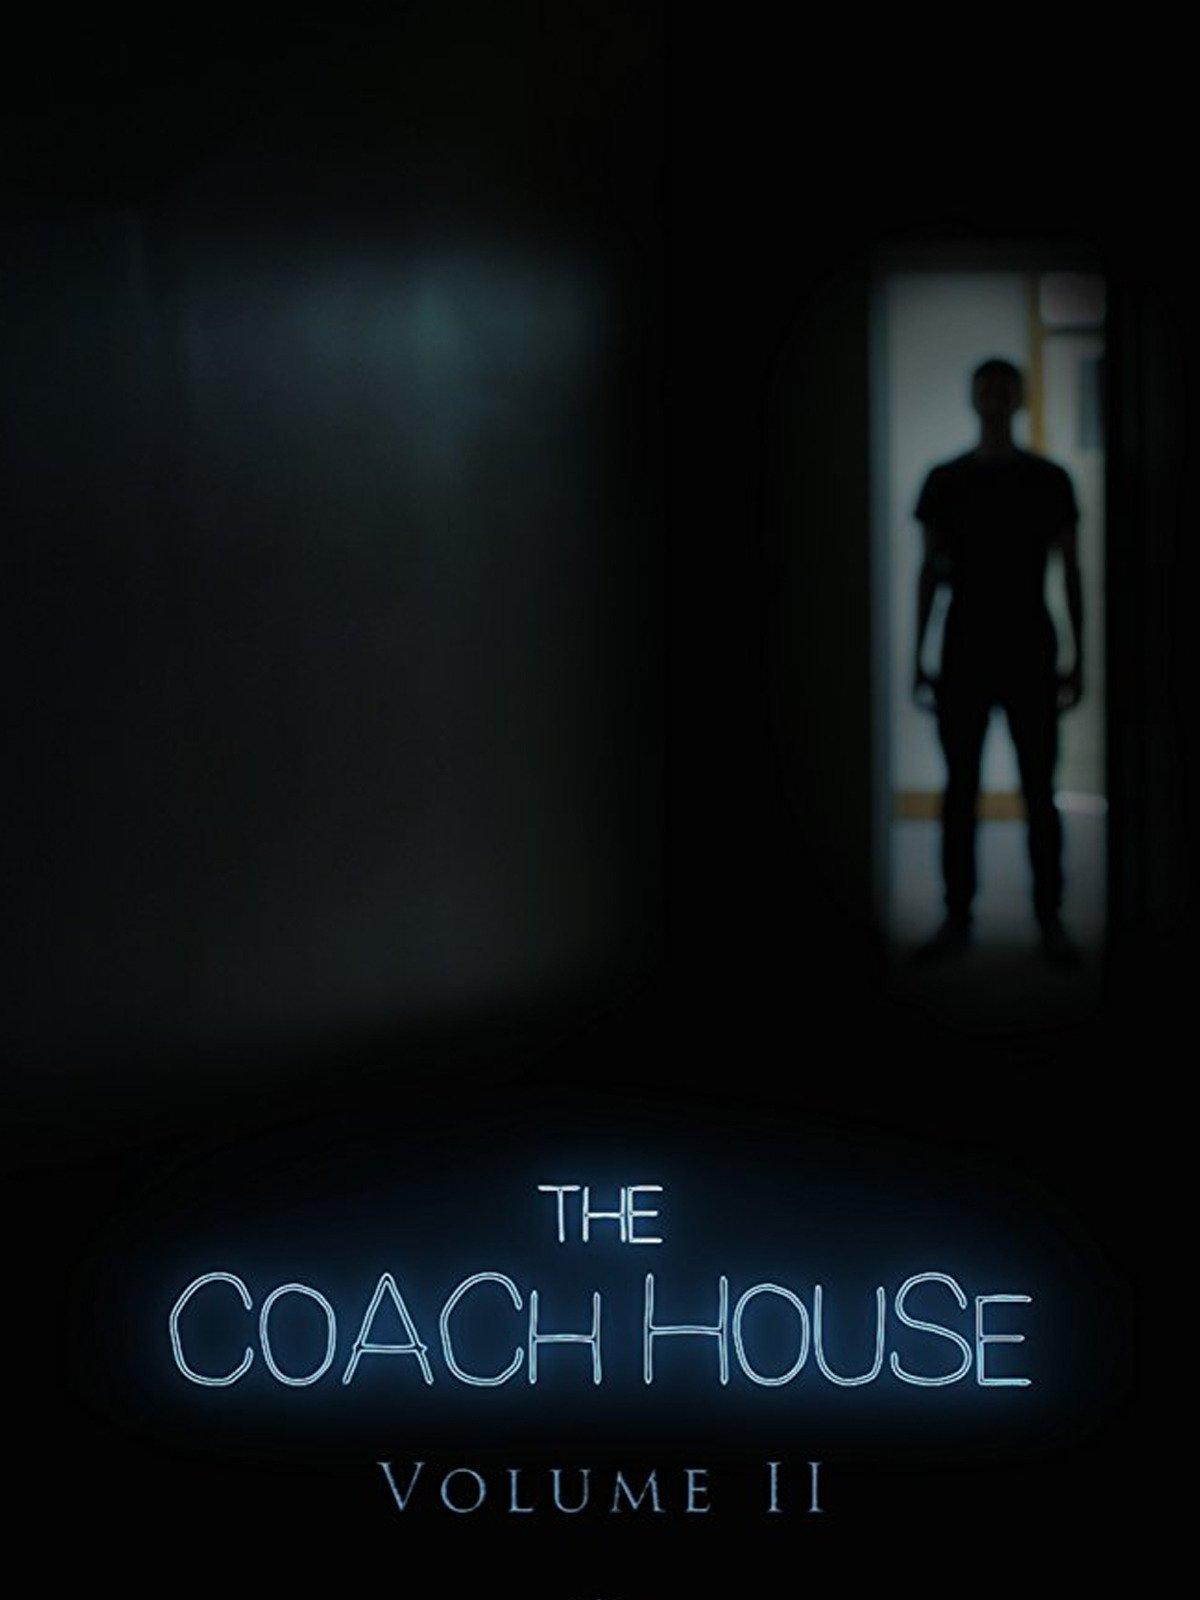 The Coach House: Vol.II